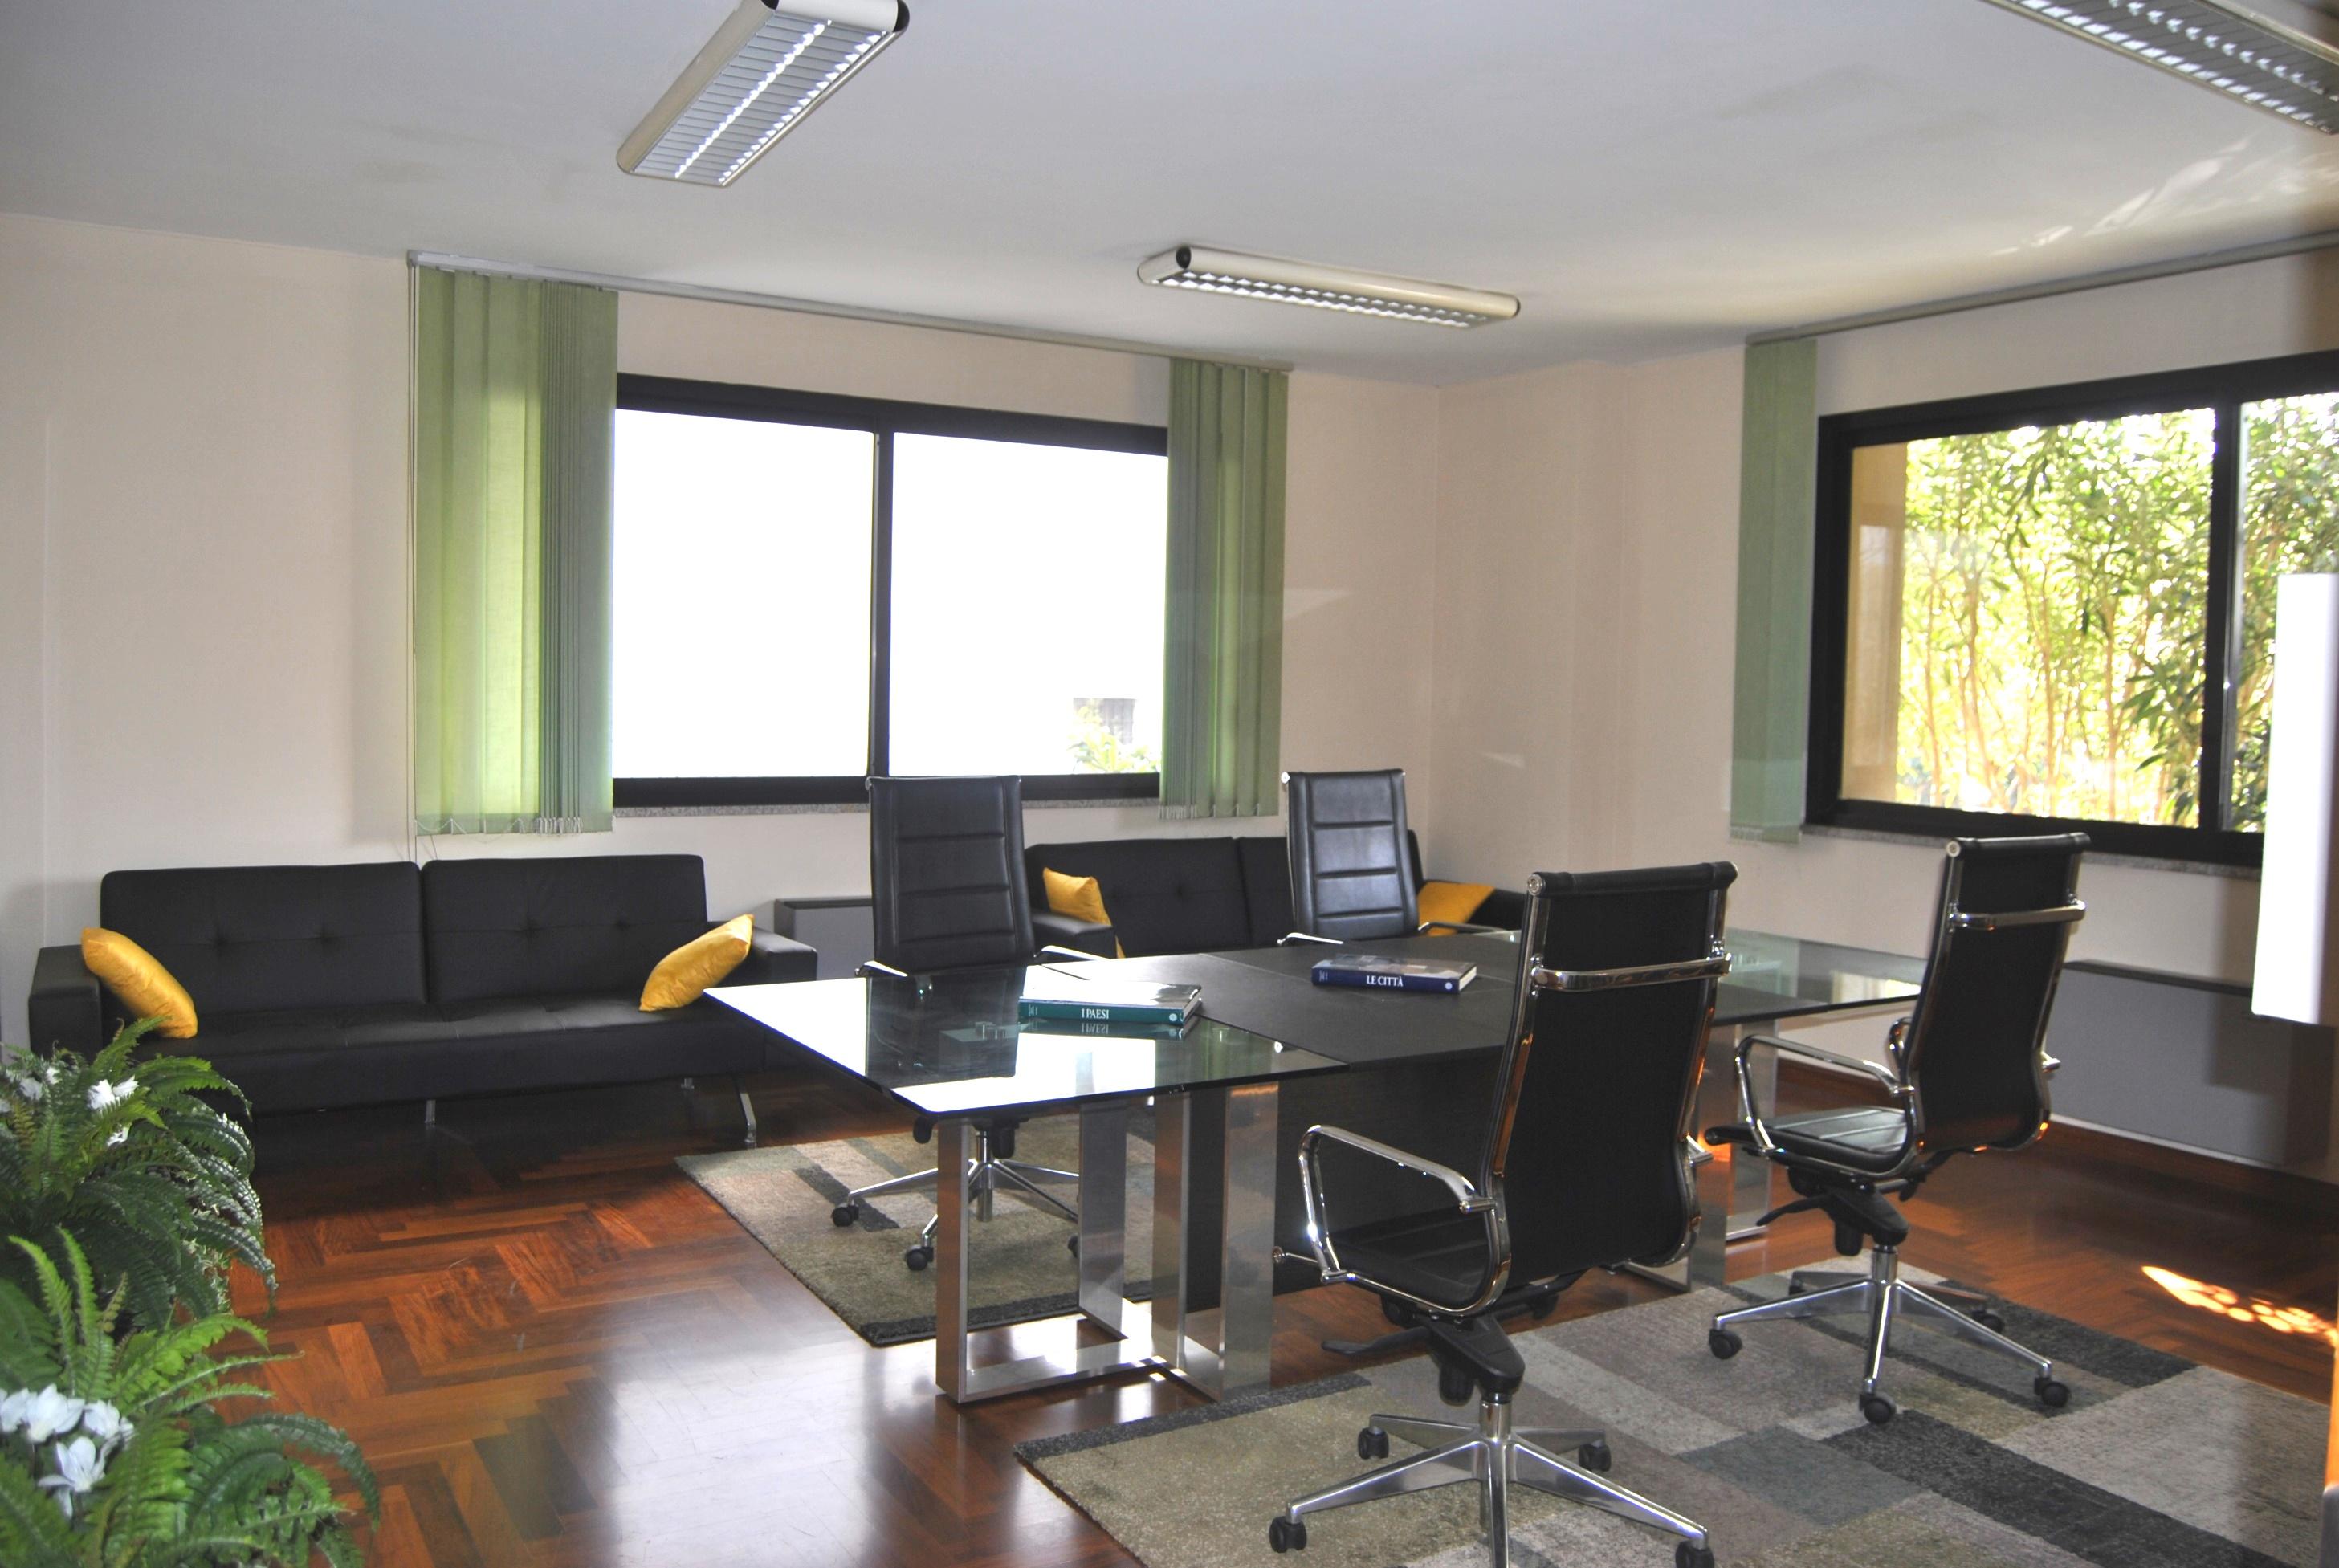 Casa Uso Ufficio : Semplicemente casa